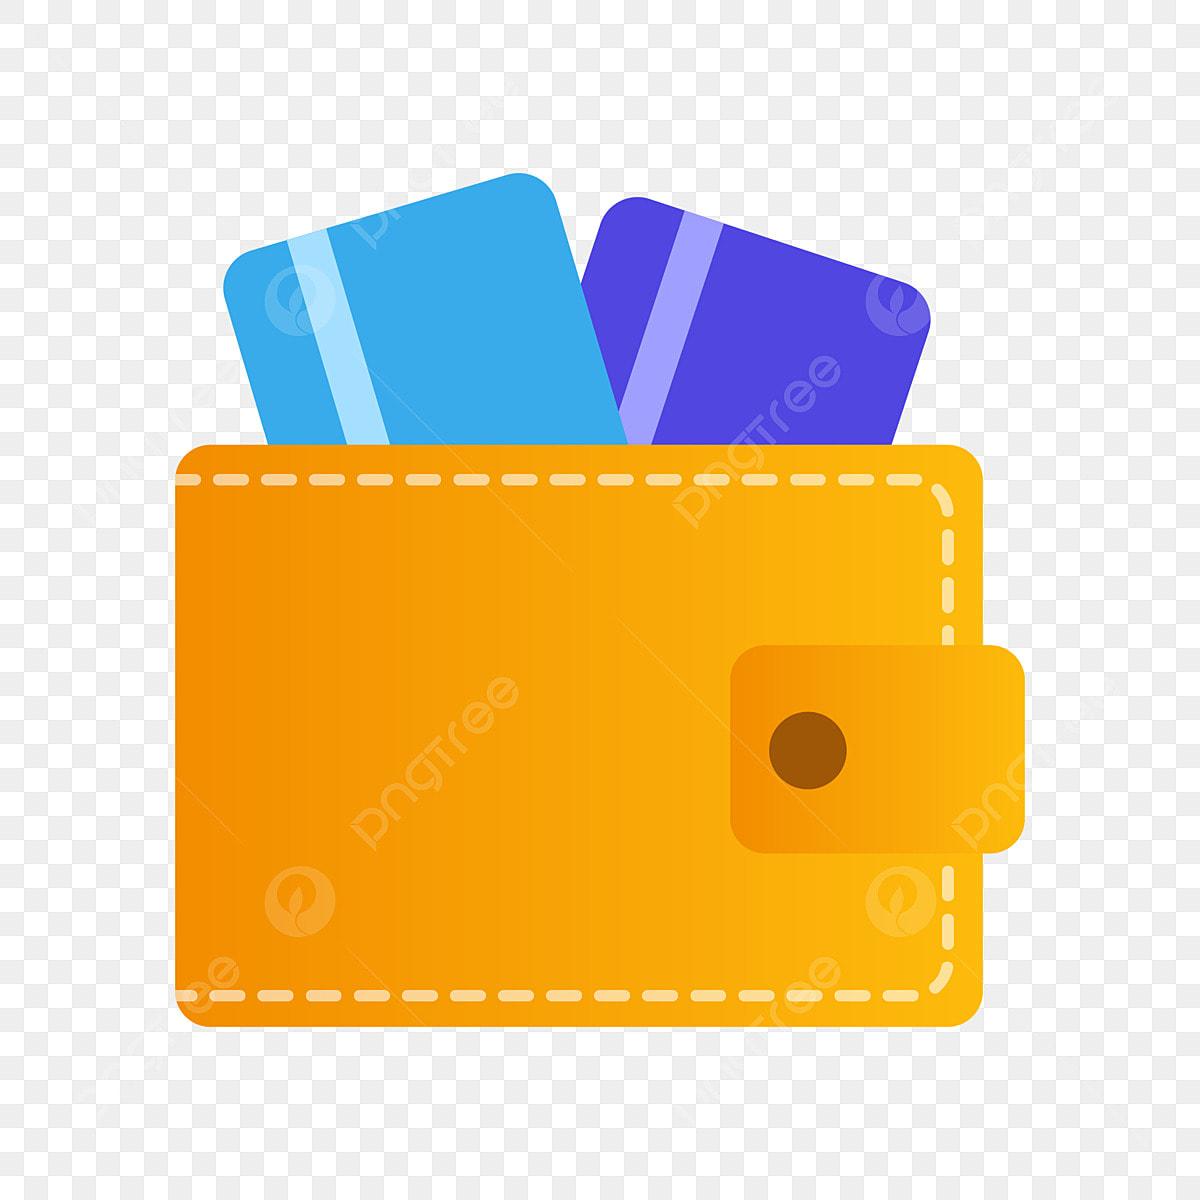 Carte Bancaire Jaune.Sac A Main Jaune Carte Bancaire Bleue Illustration De Dessin